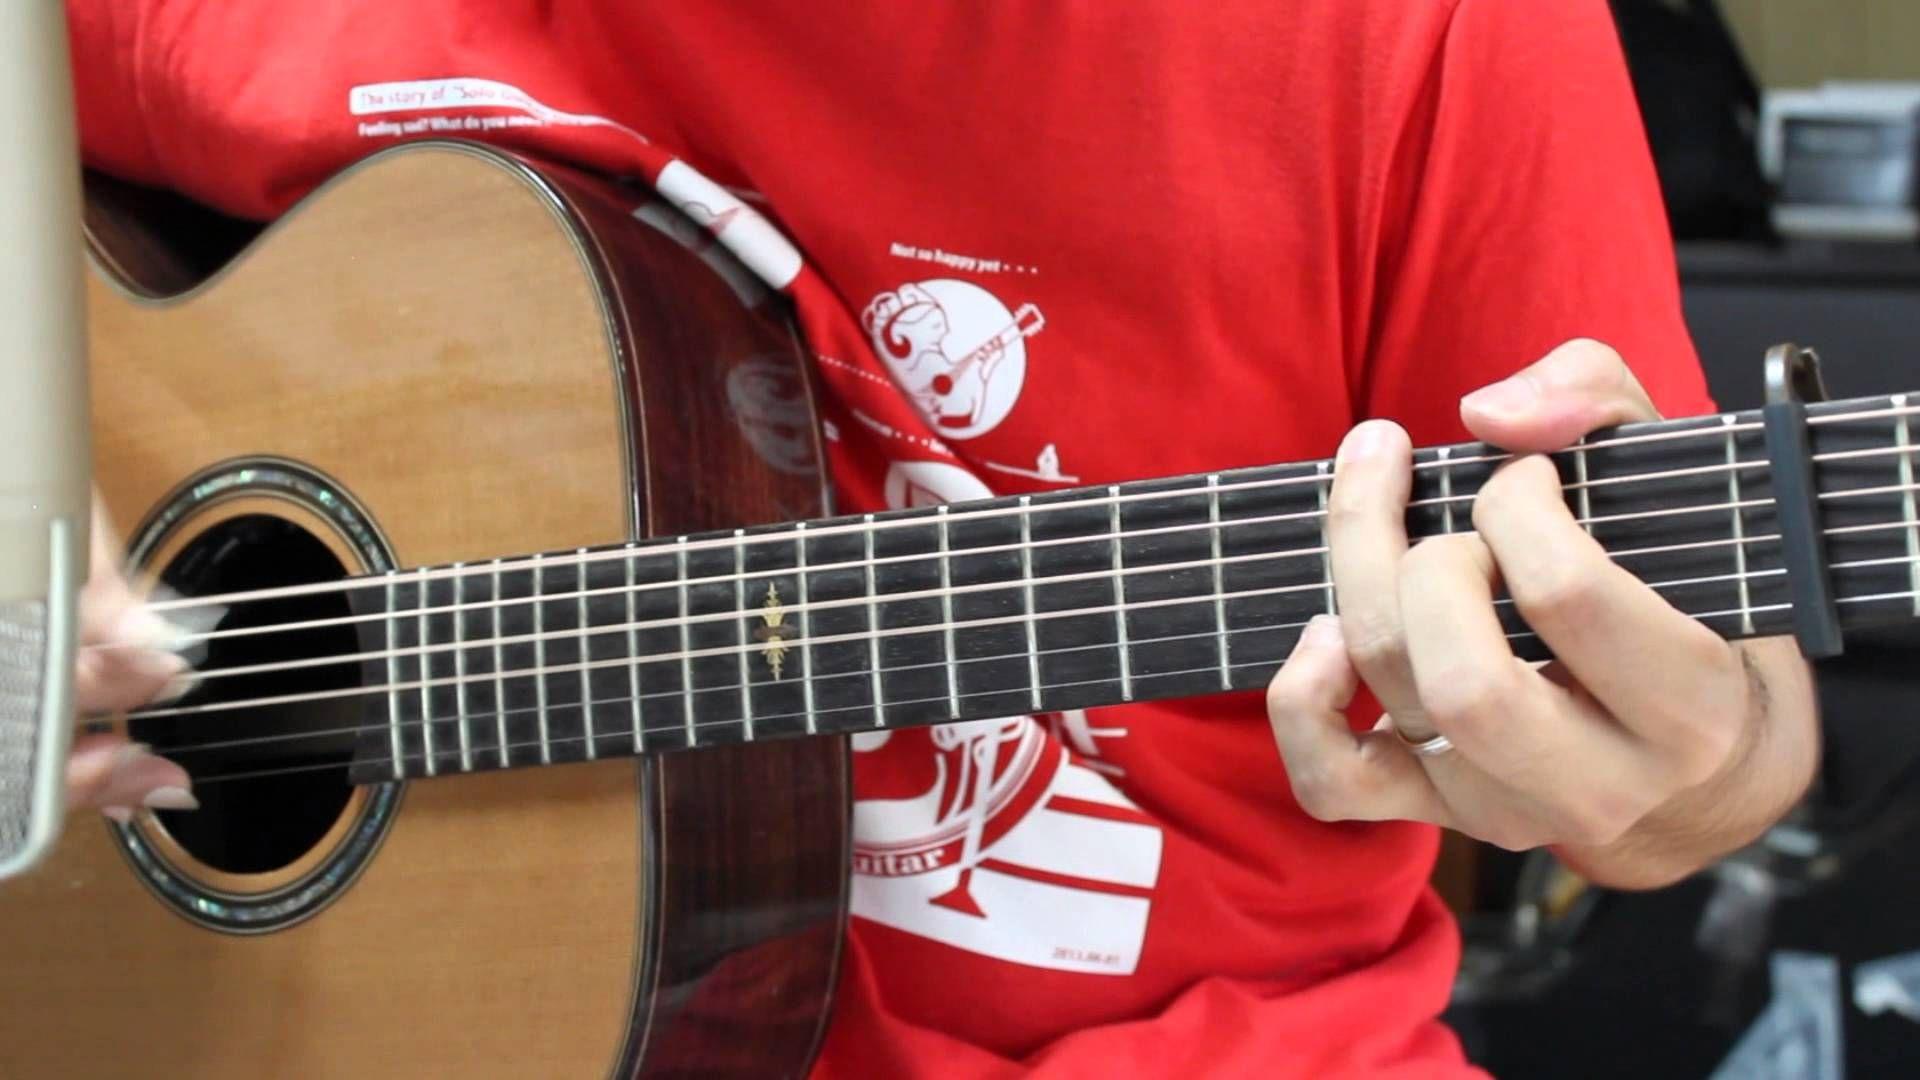 【ソロギター】「雨のち晴レルヤ」(ゆず) NHK朝ドラマ「ごちそうさん」主題歌 【TAB譜あり】